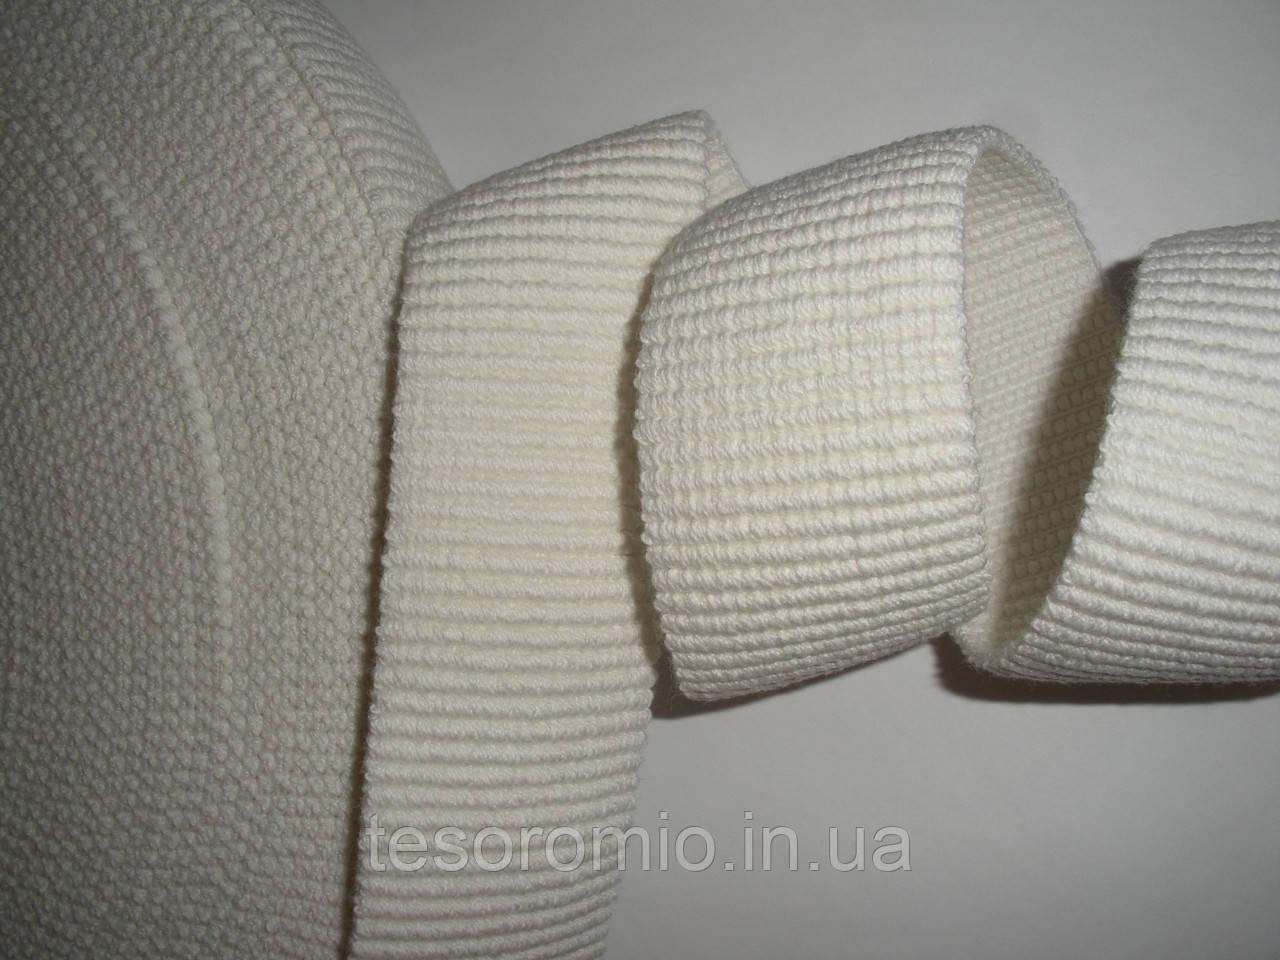 Резинка поясная, декоративная, белая, репсовая, объемная 4см